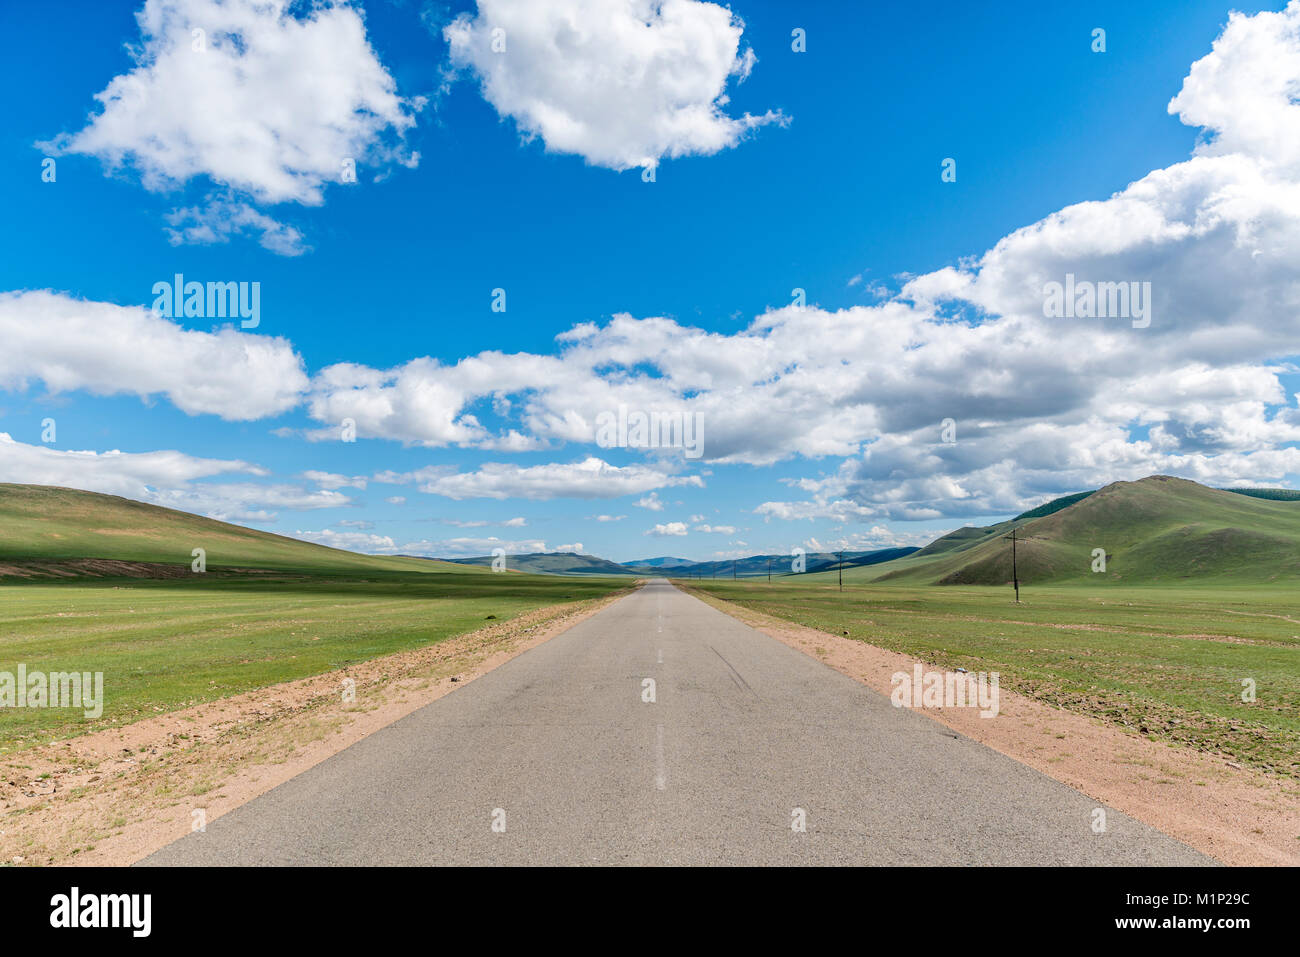 Gerade Straße in der mongolischen Steppe und Wolken im Himmel,Hangay Provinz, Mongolei, Zentralasien, Asien Stockbild